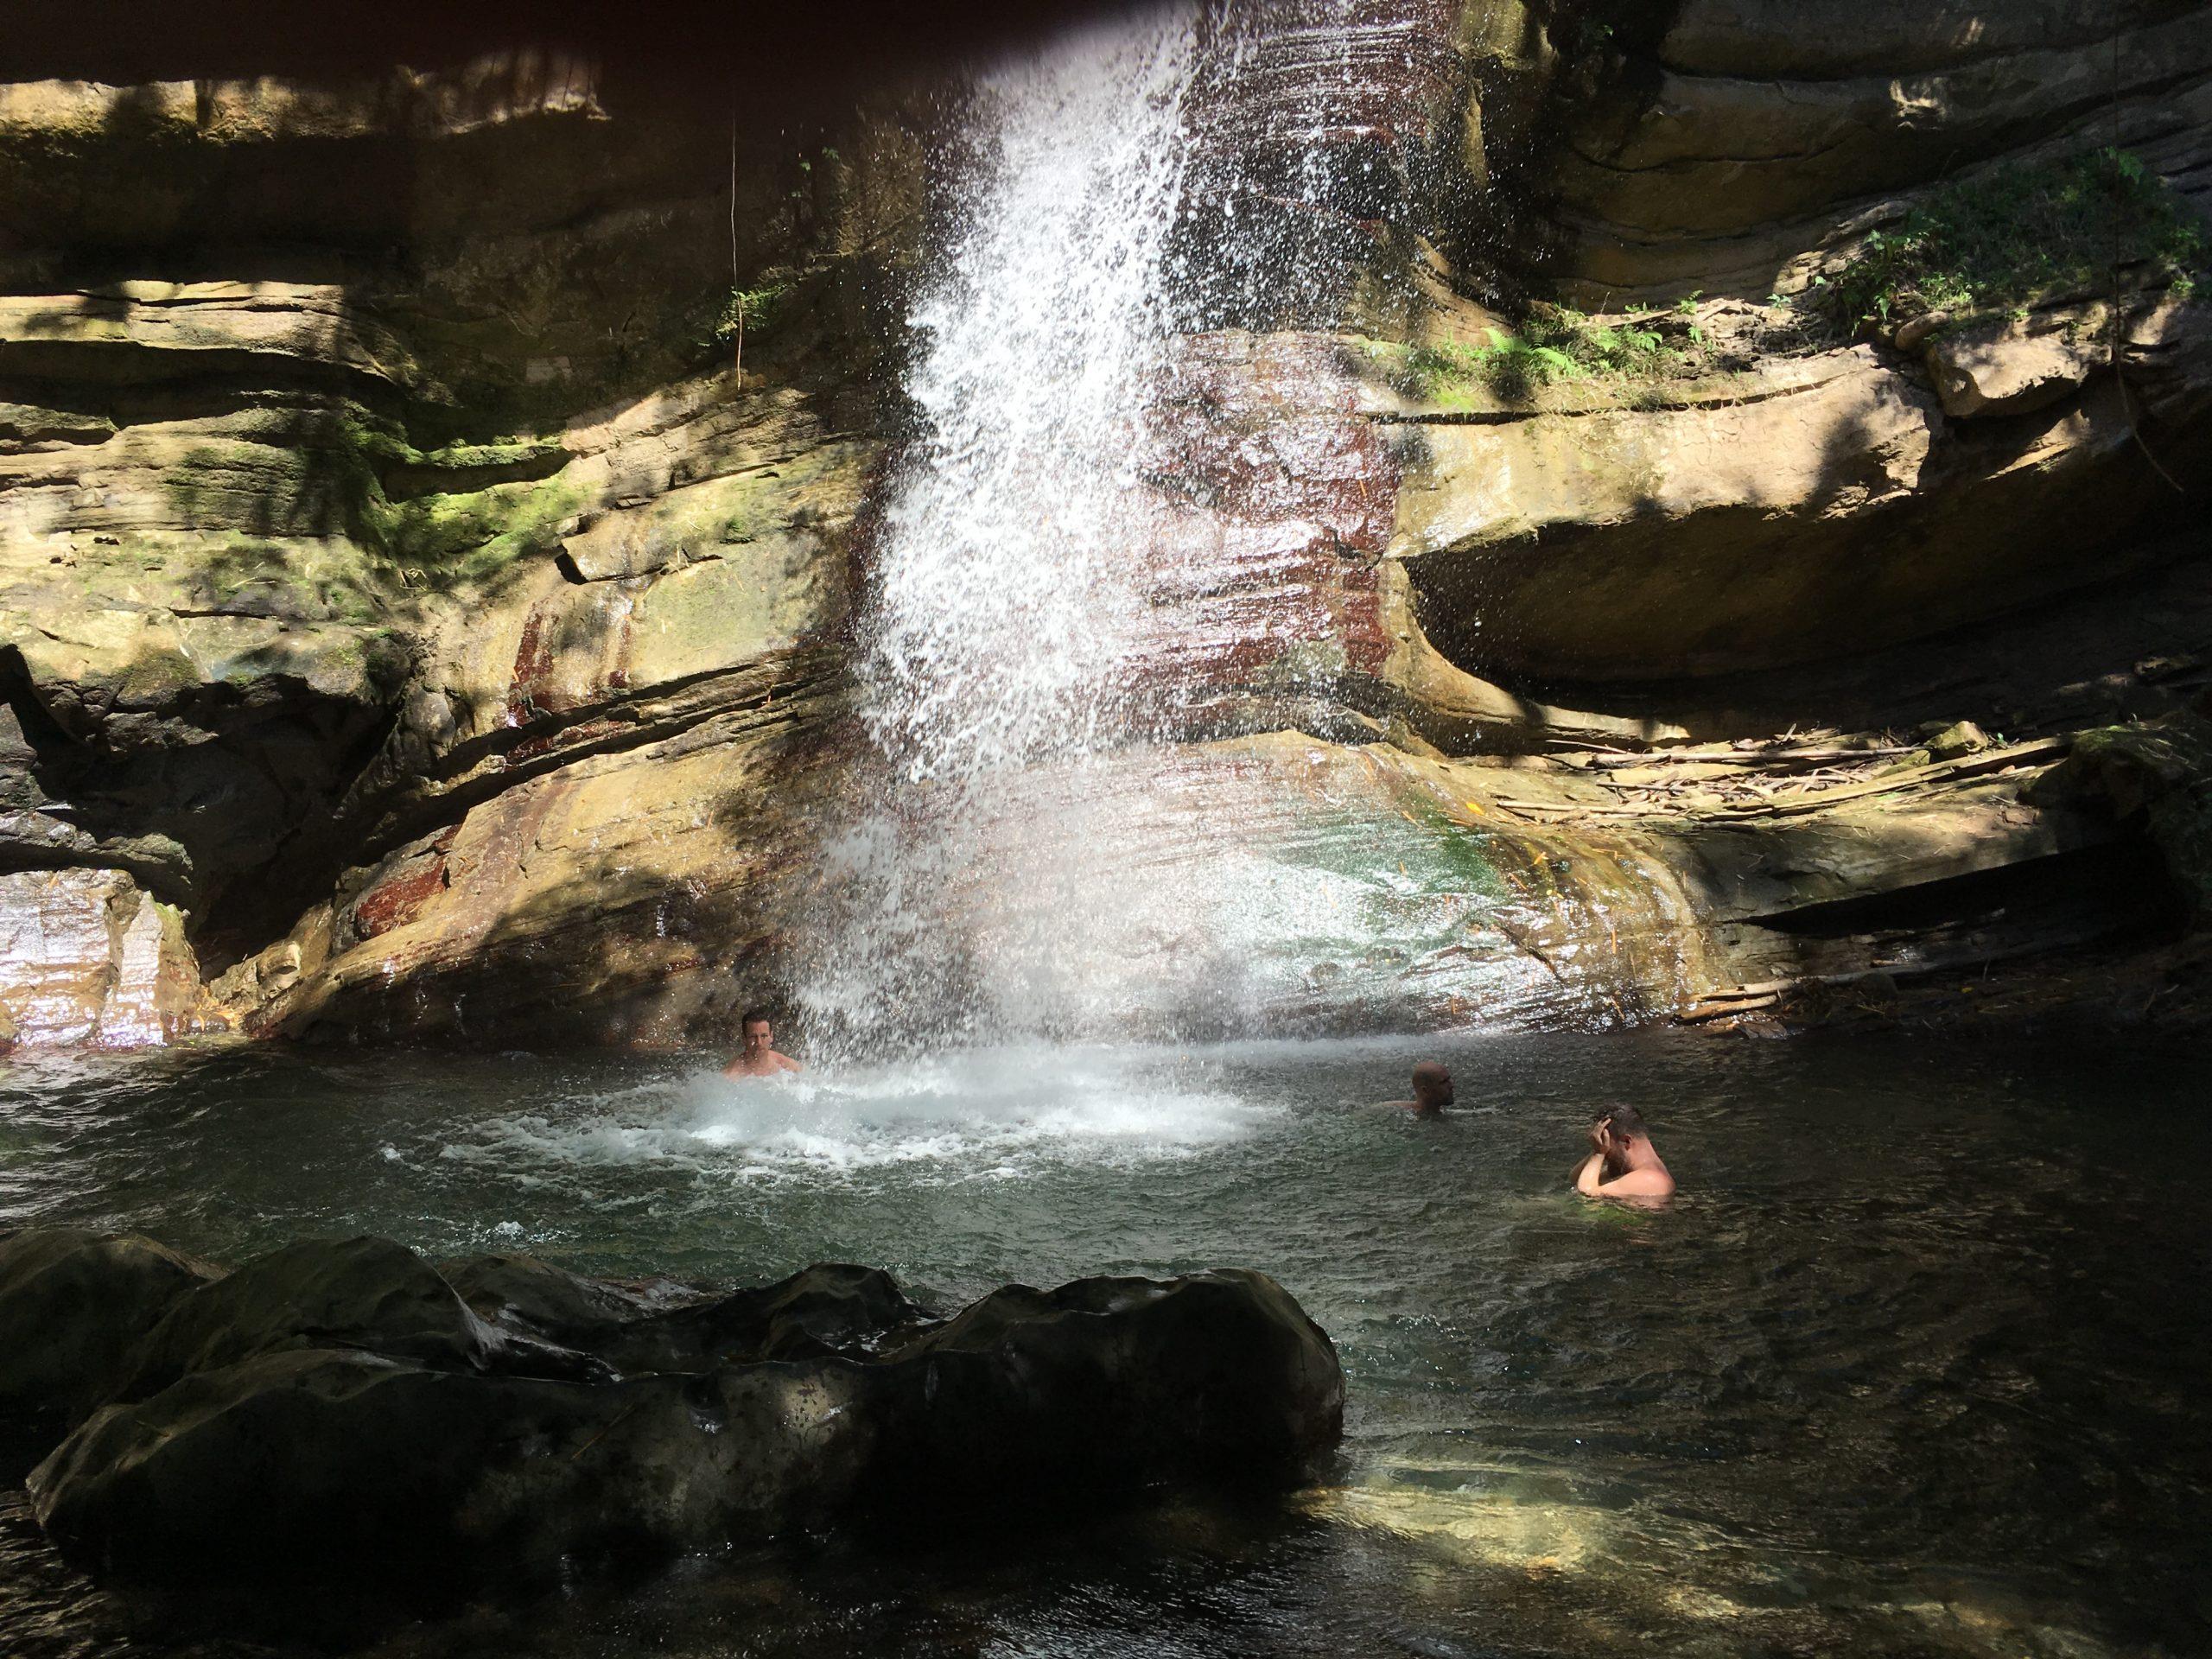 Nanni Falls